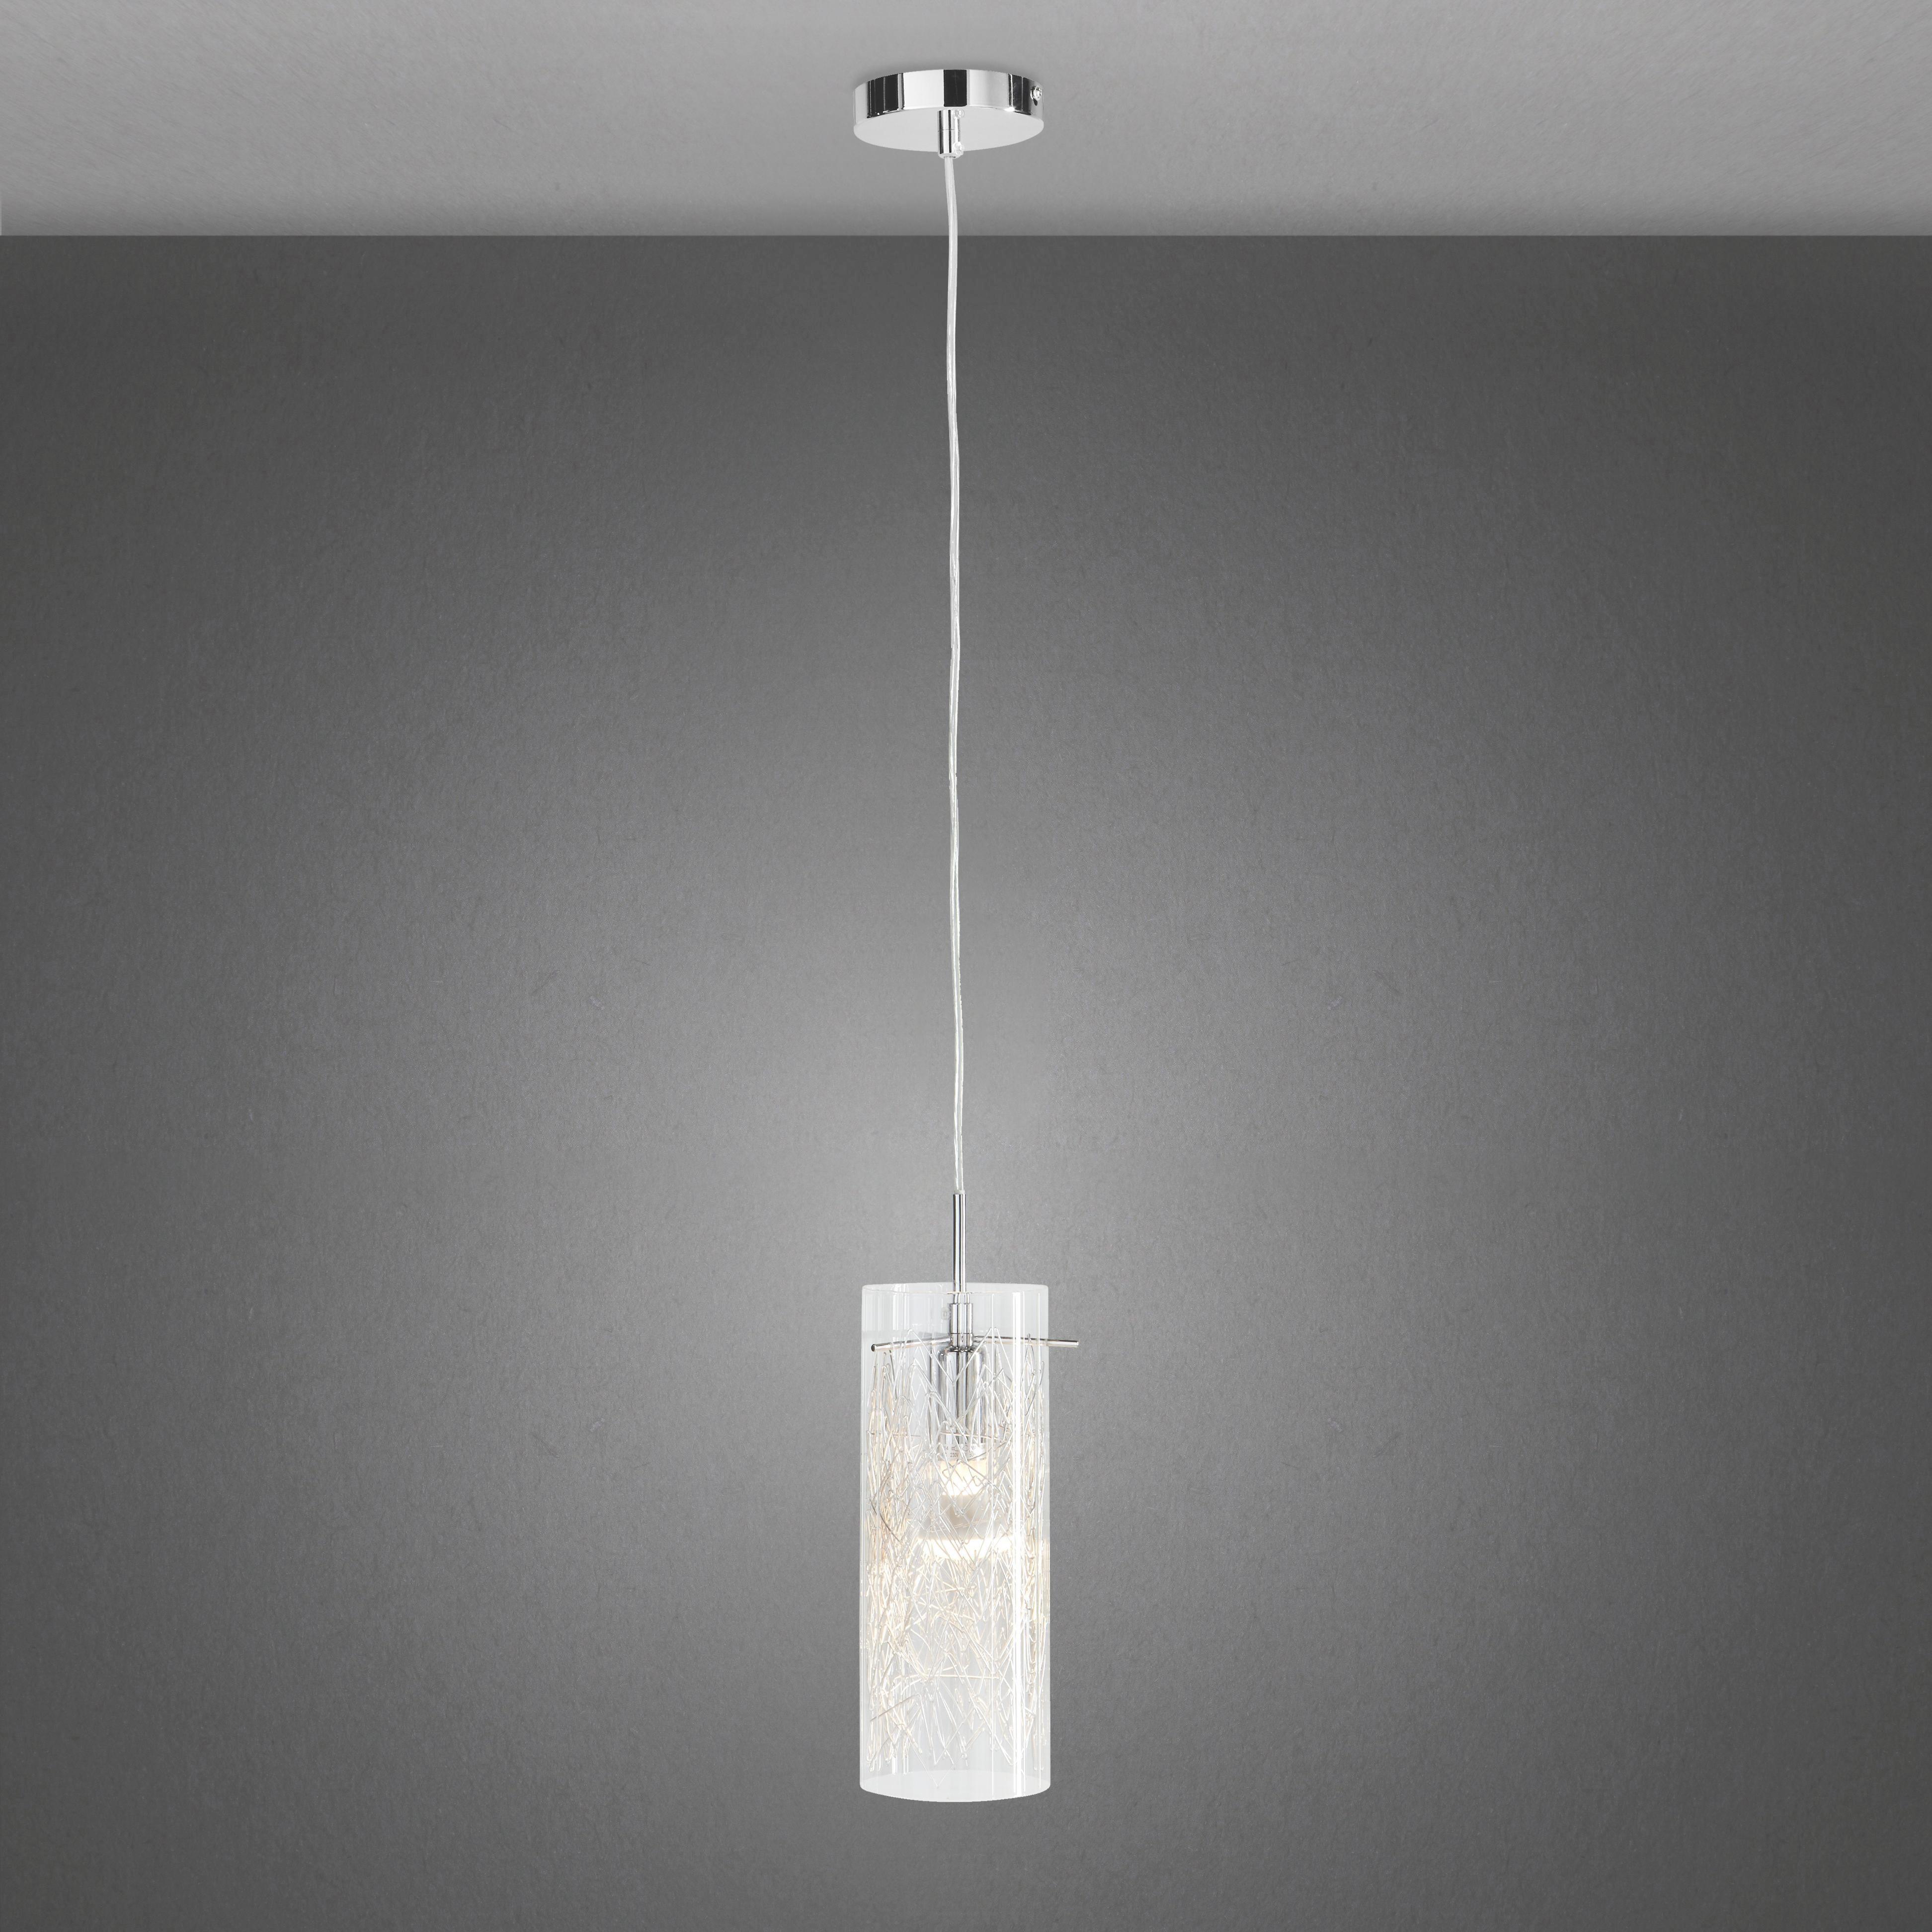 Hängeleuchten Filo - Chromfarben, MODERN, Glas/Metall (10/160cm) - PREMIUM LIVING